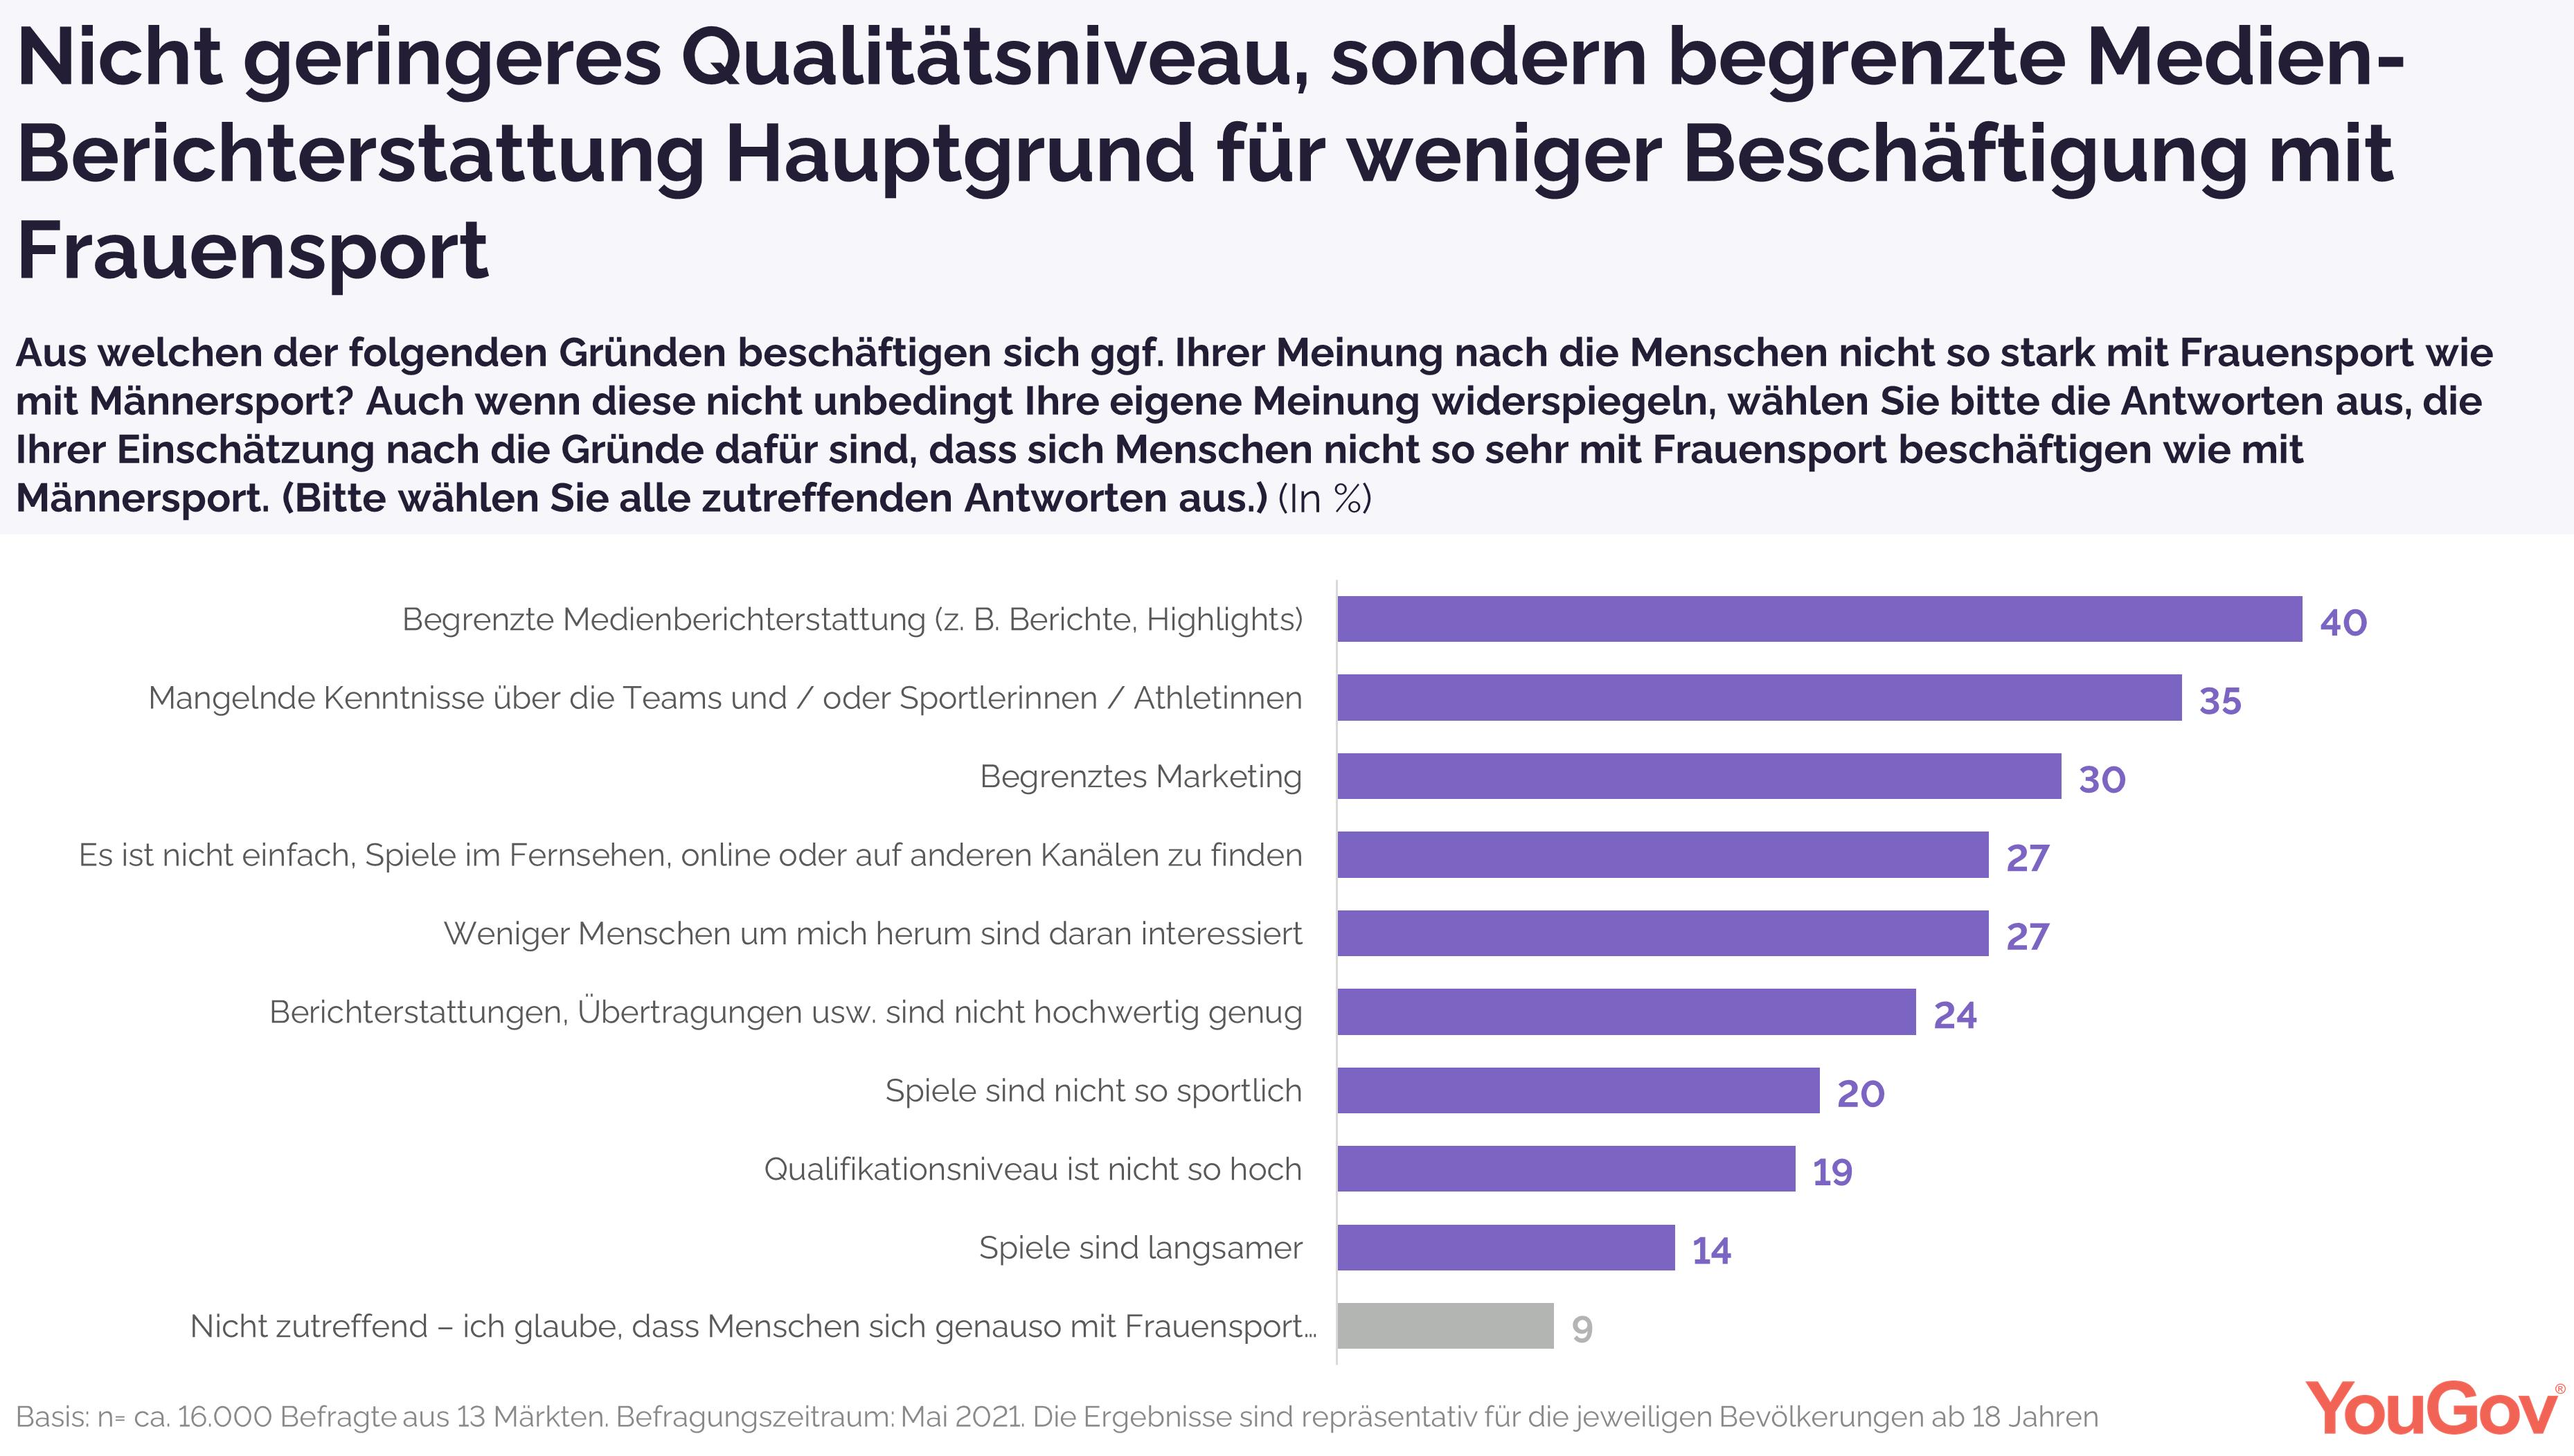 Nicht geringeres Qualitätsniveau, sondern begrenzte Medien-Berichterstattung Hauptgrund für weniger Beschäftigung mit Frauensport